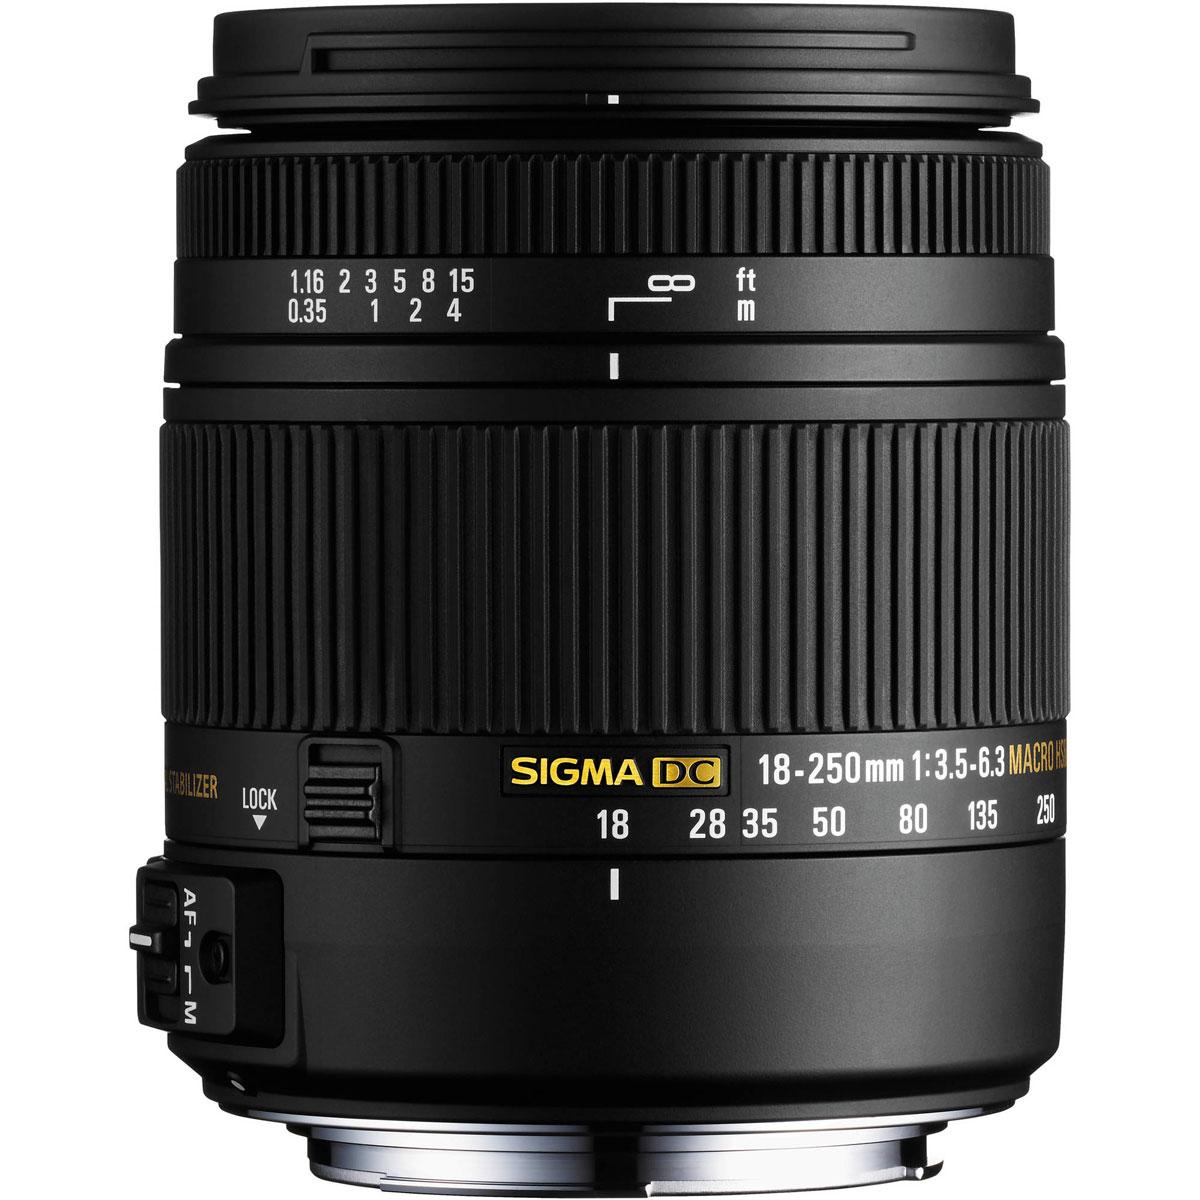 SigmaAF18-250mmF3.5-6.3DCMACROOSHSM, Black объектив для Nikon - Объективы